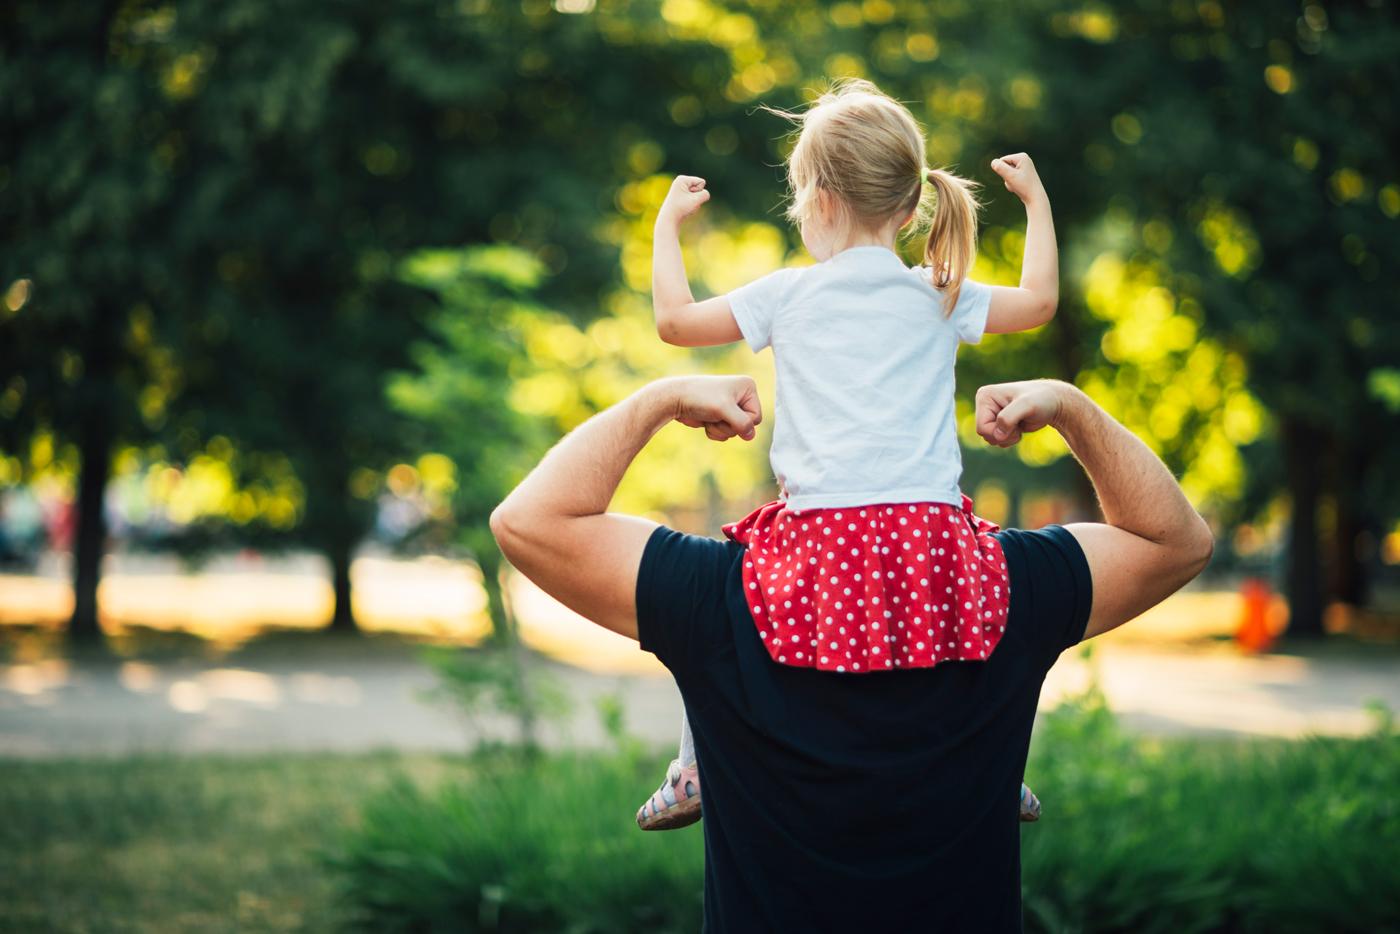 Οι γονείς προτιμούν ομοιοπαθητική για τα παιδιά τους έναντι της ...